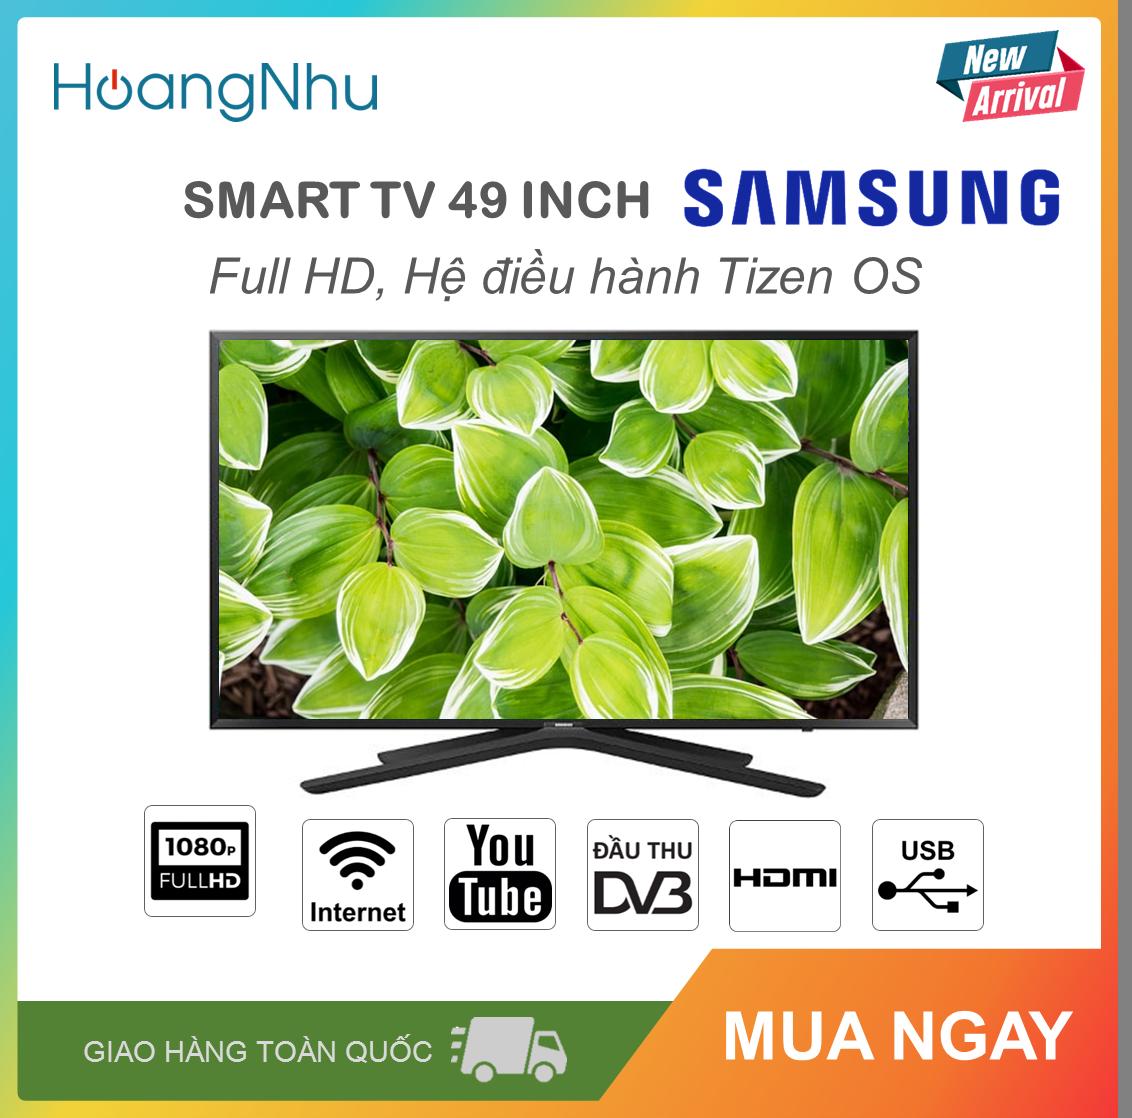 Smart Tivi Samsung 49 inch Kết nối Internet Wifi MODEL 49N5500AK (Full HD, Hệ điều hành Tizen OS, Truyền hình KTS, màu đen)